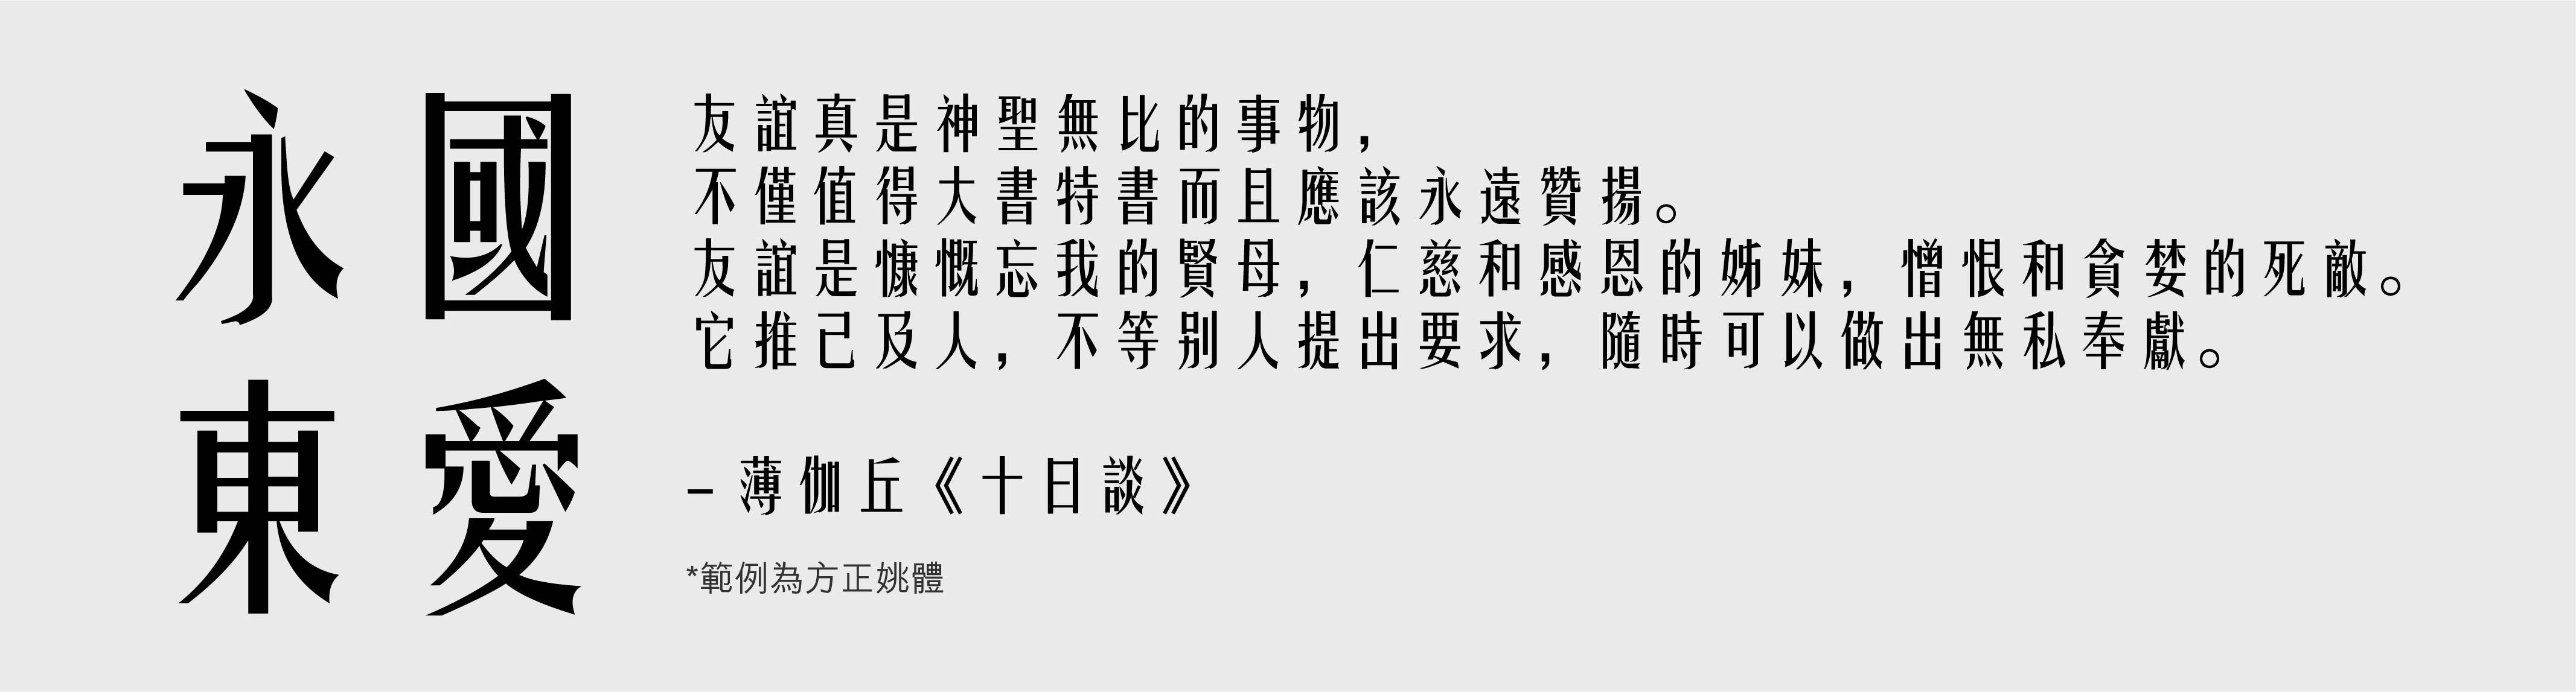 字體   [組圖+影片] 的最新詳盡資料** (必看!!) - www.go2tutor.com